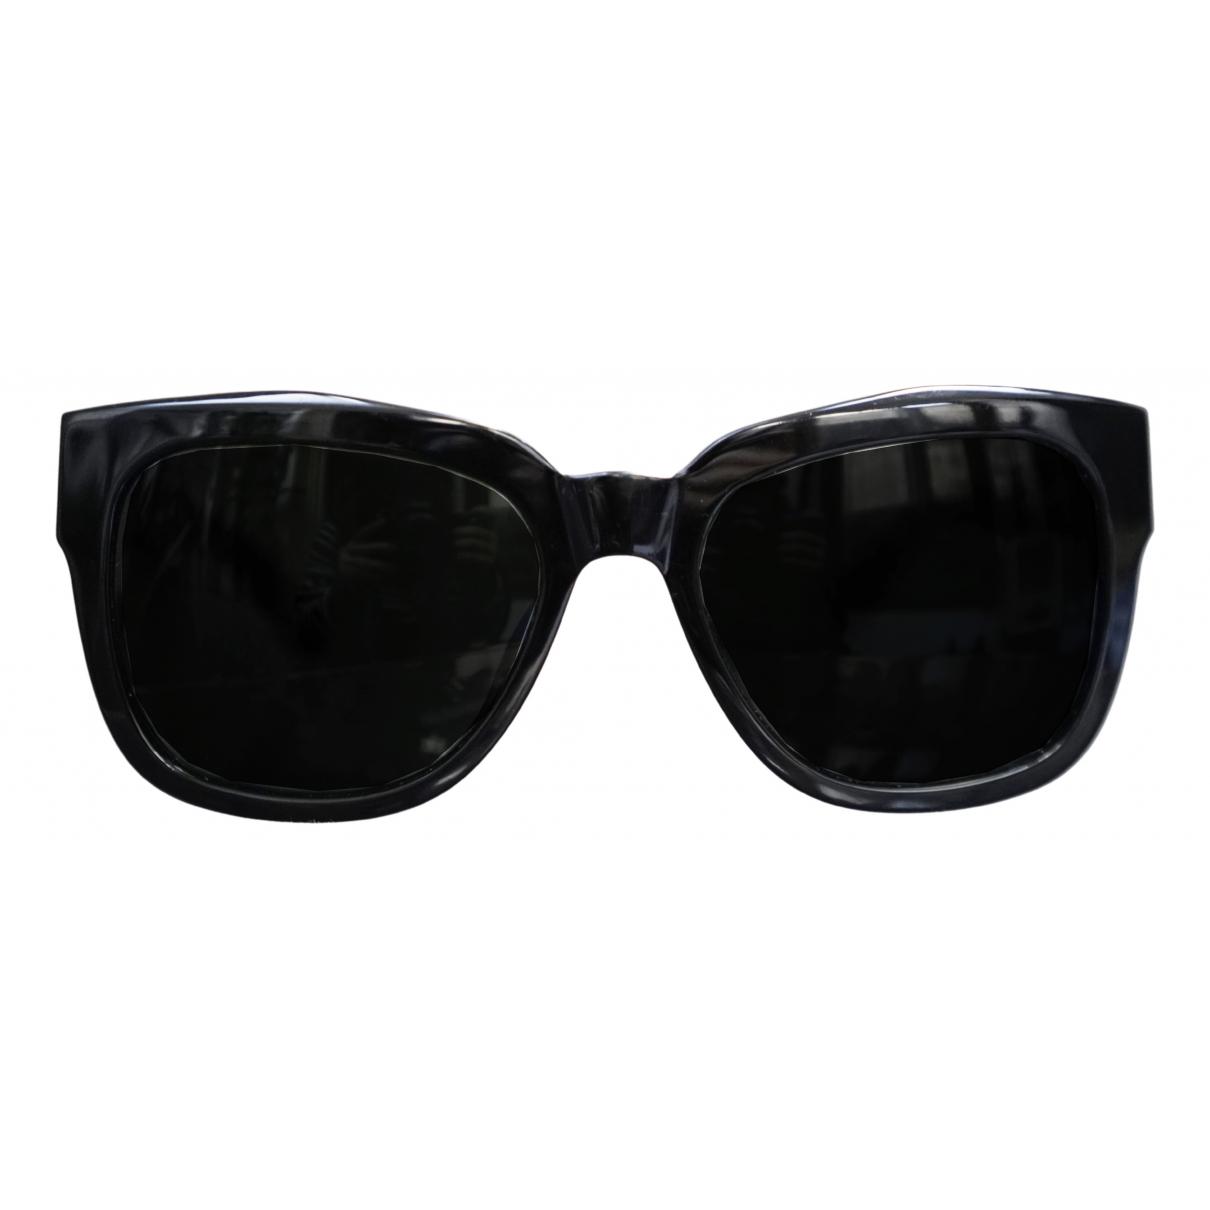 Dries Van Noten N Black Sunglasses for Women N